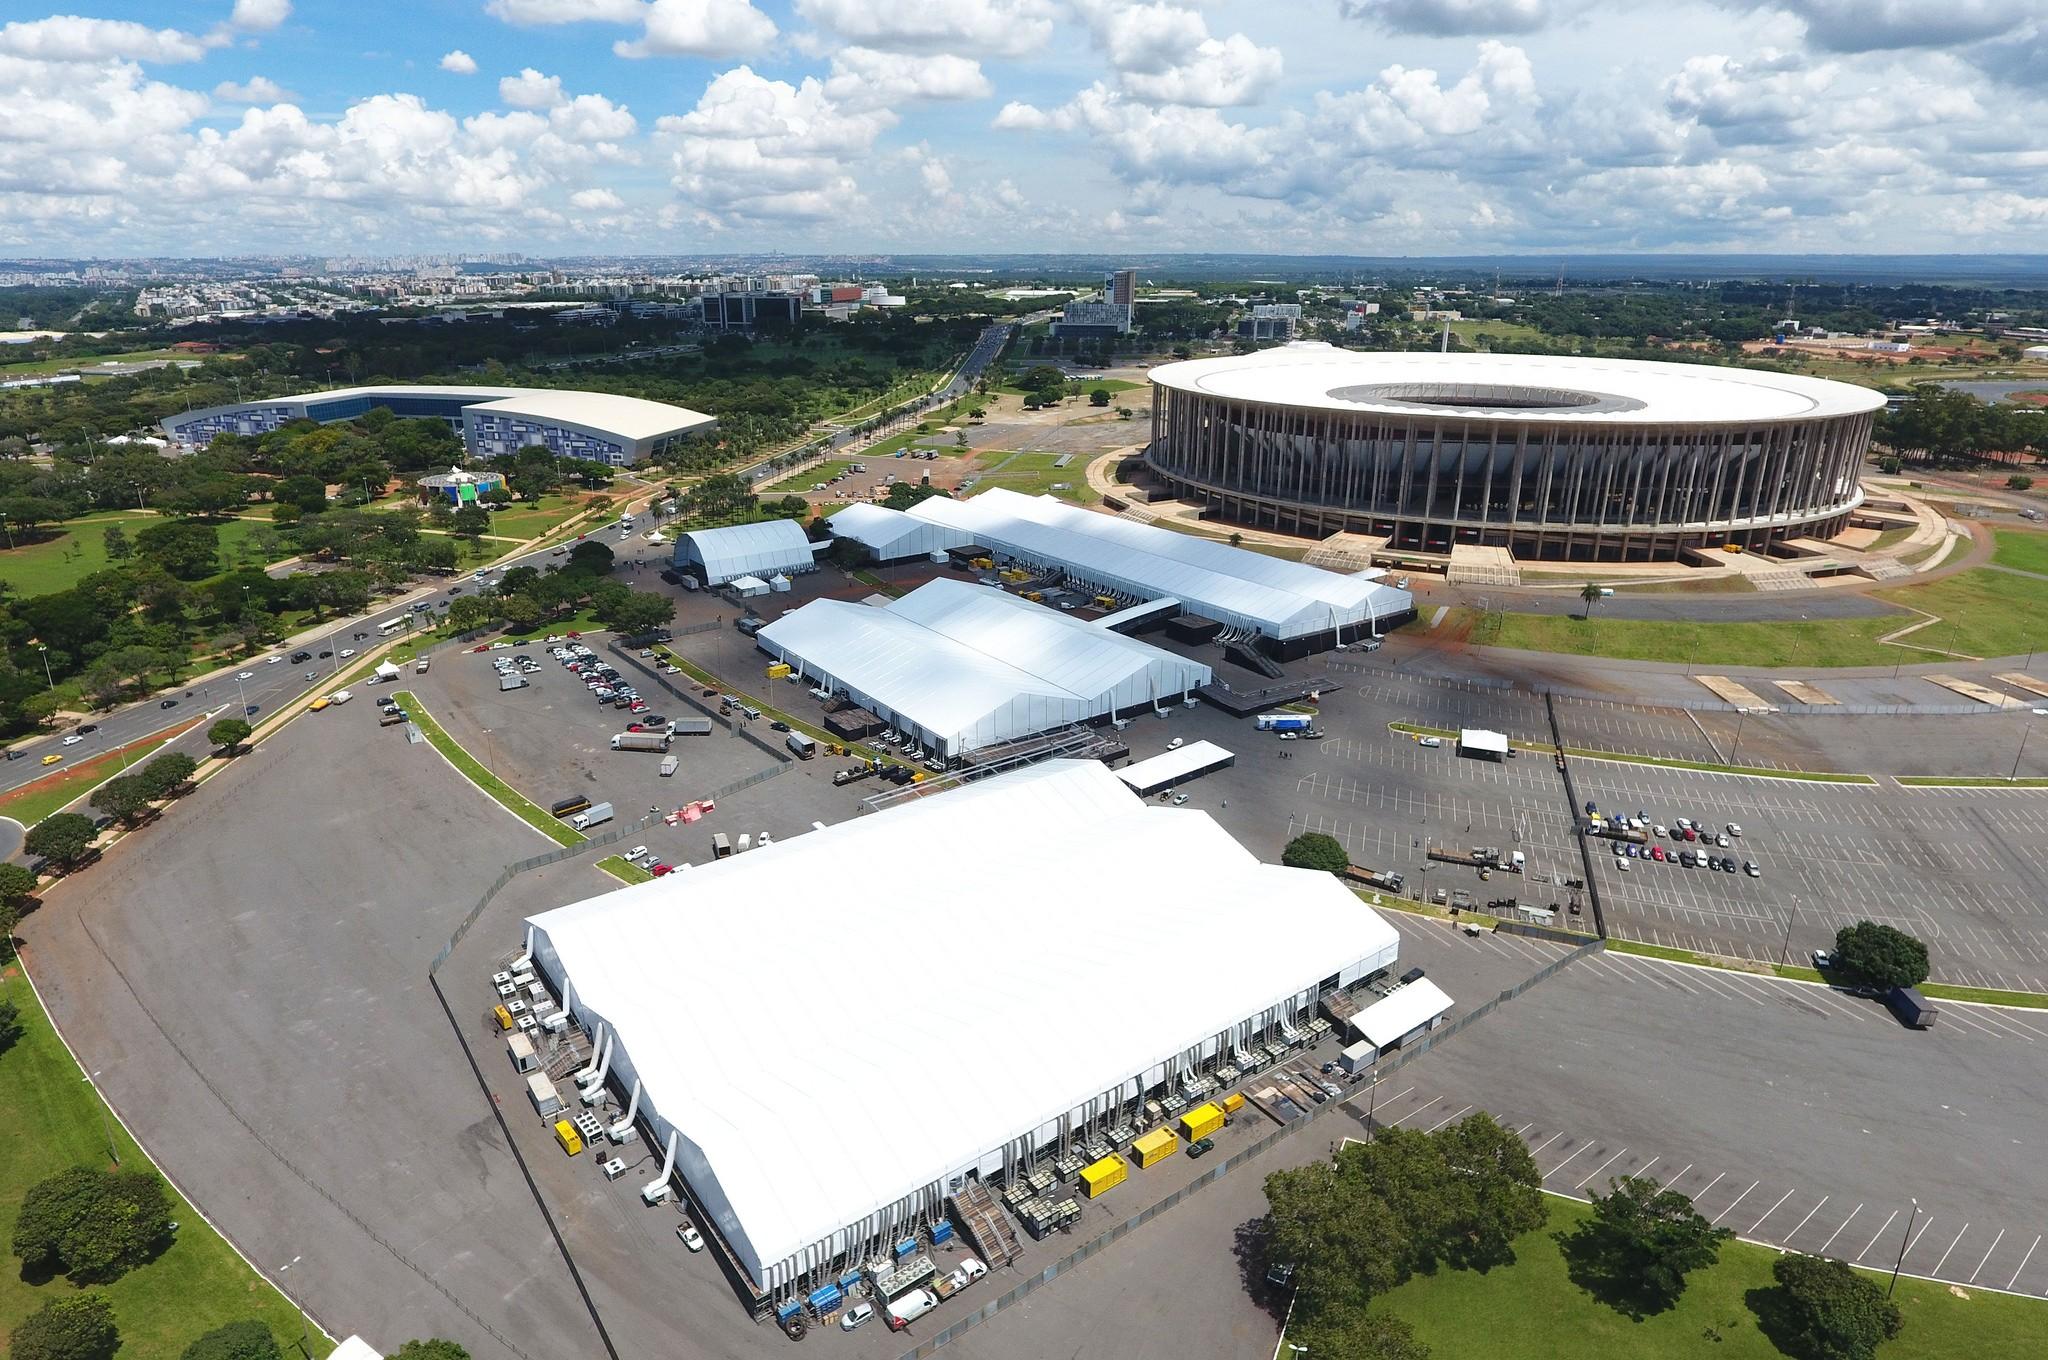 Caesb cancela racionamento nas sedes do Fórum Mundial de Água, no centro de Brasília